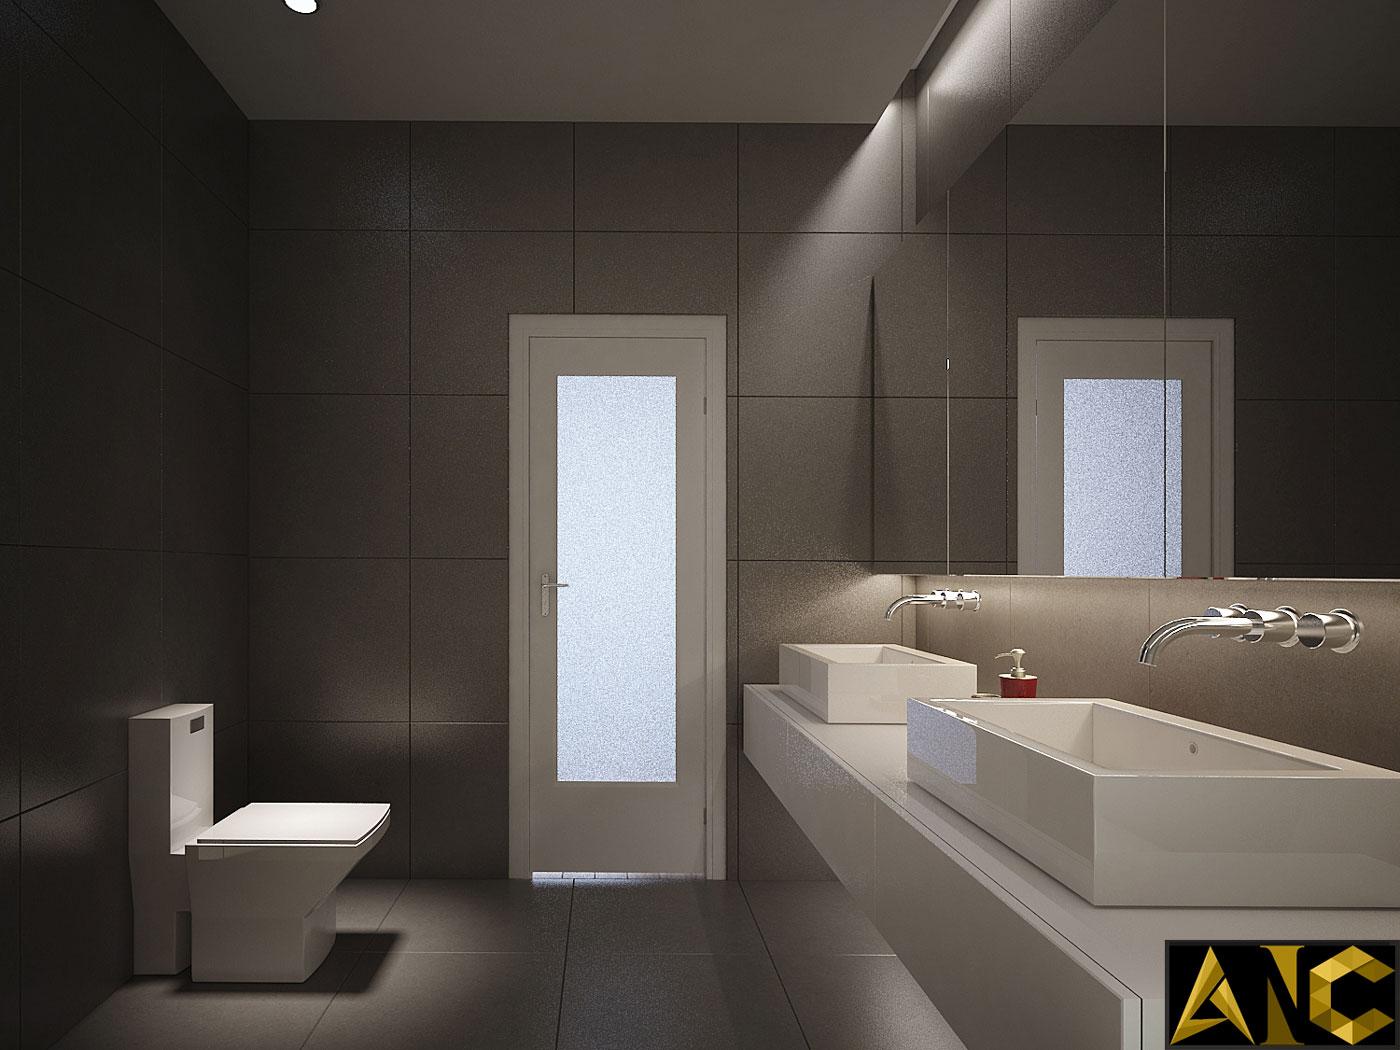 Thiết kế thi công nội thất: căn hộ Royal City phòng vệ sinh view 2